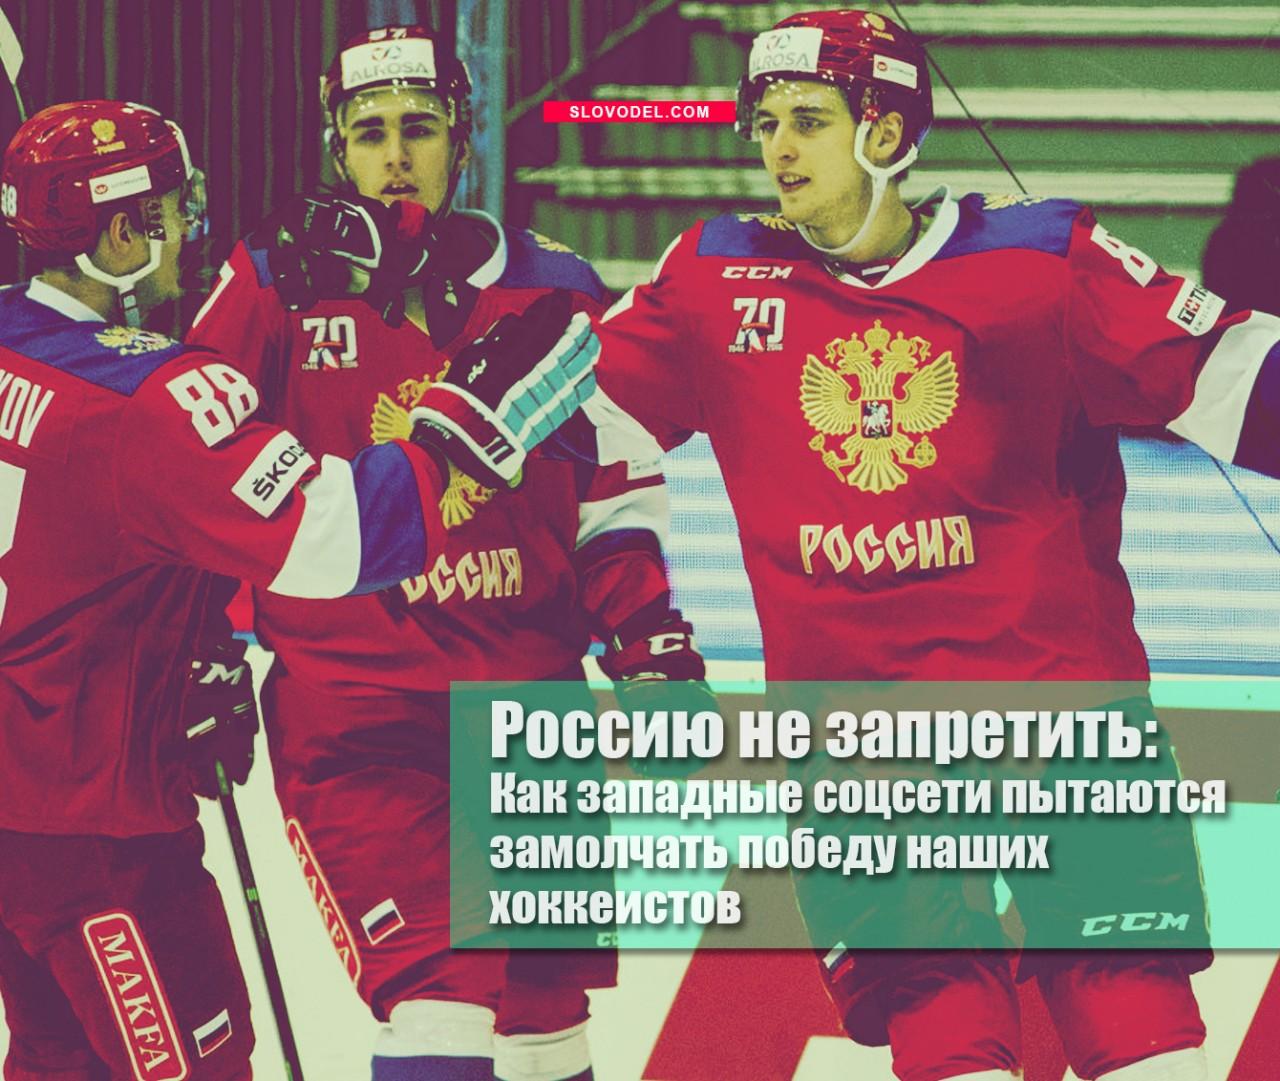 Россию не запретить: как западные соцсети пытаются замолчать победу наших хоккеистов